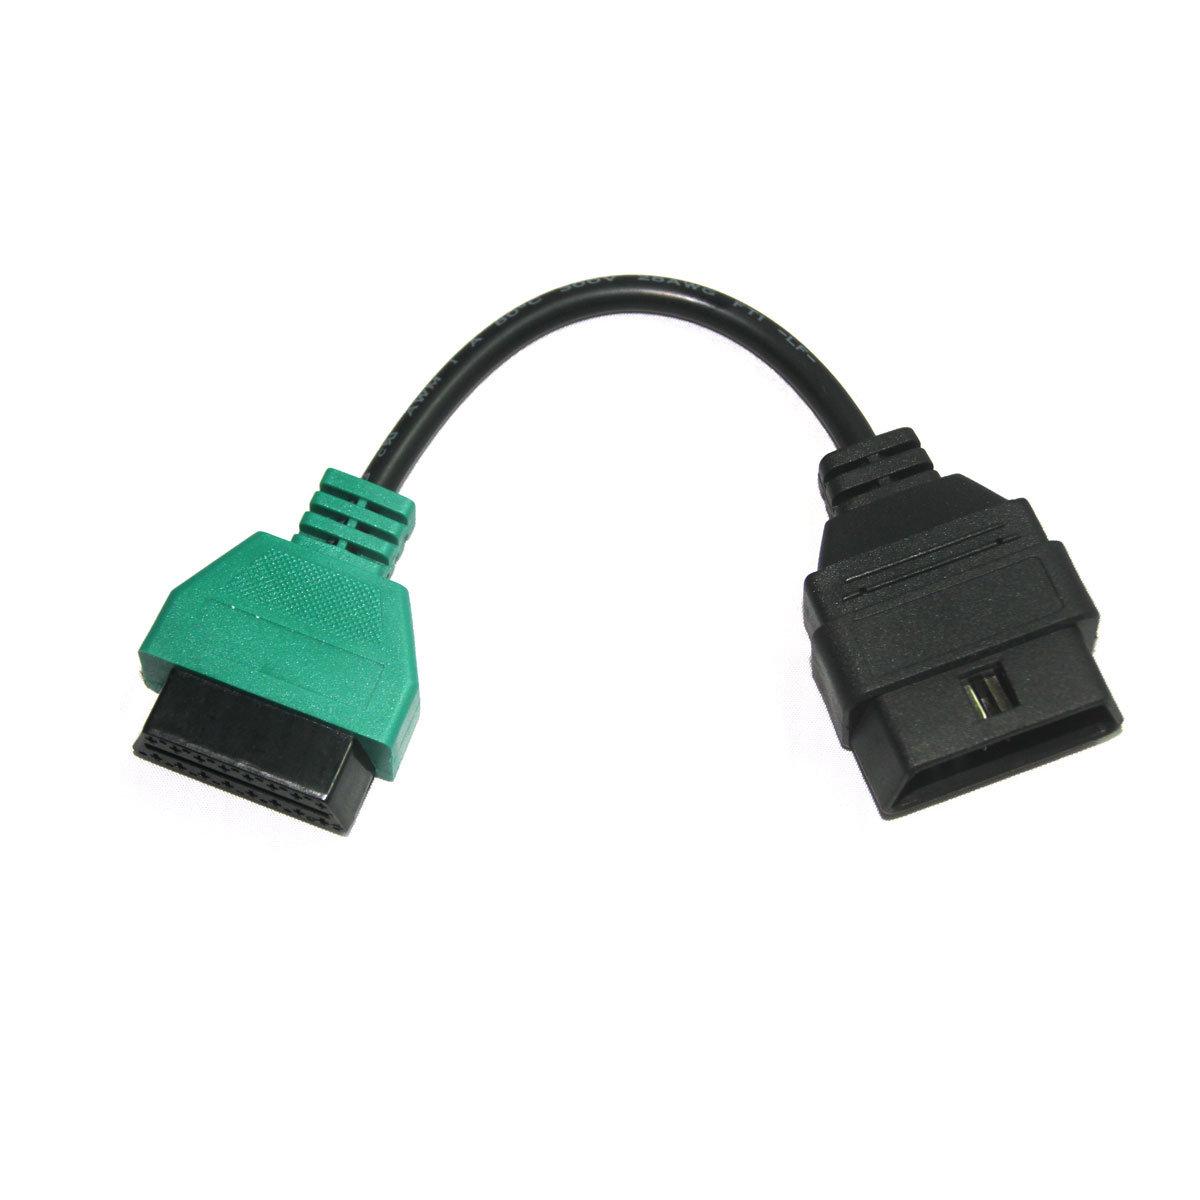 for FIAT ECU Scan Adaptors OBD Diagnostic Cable 5 Colors